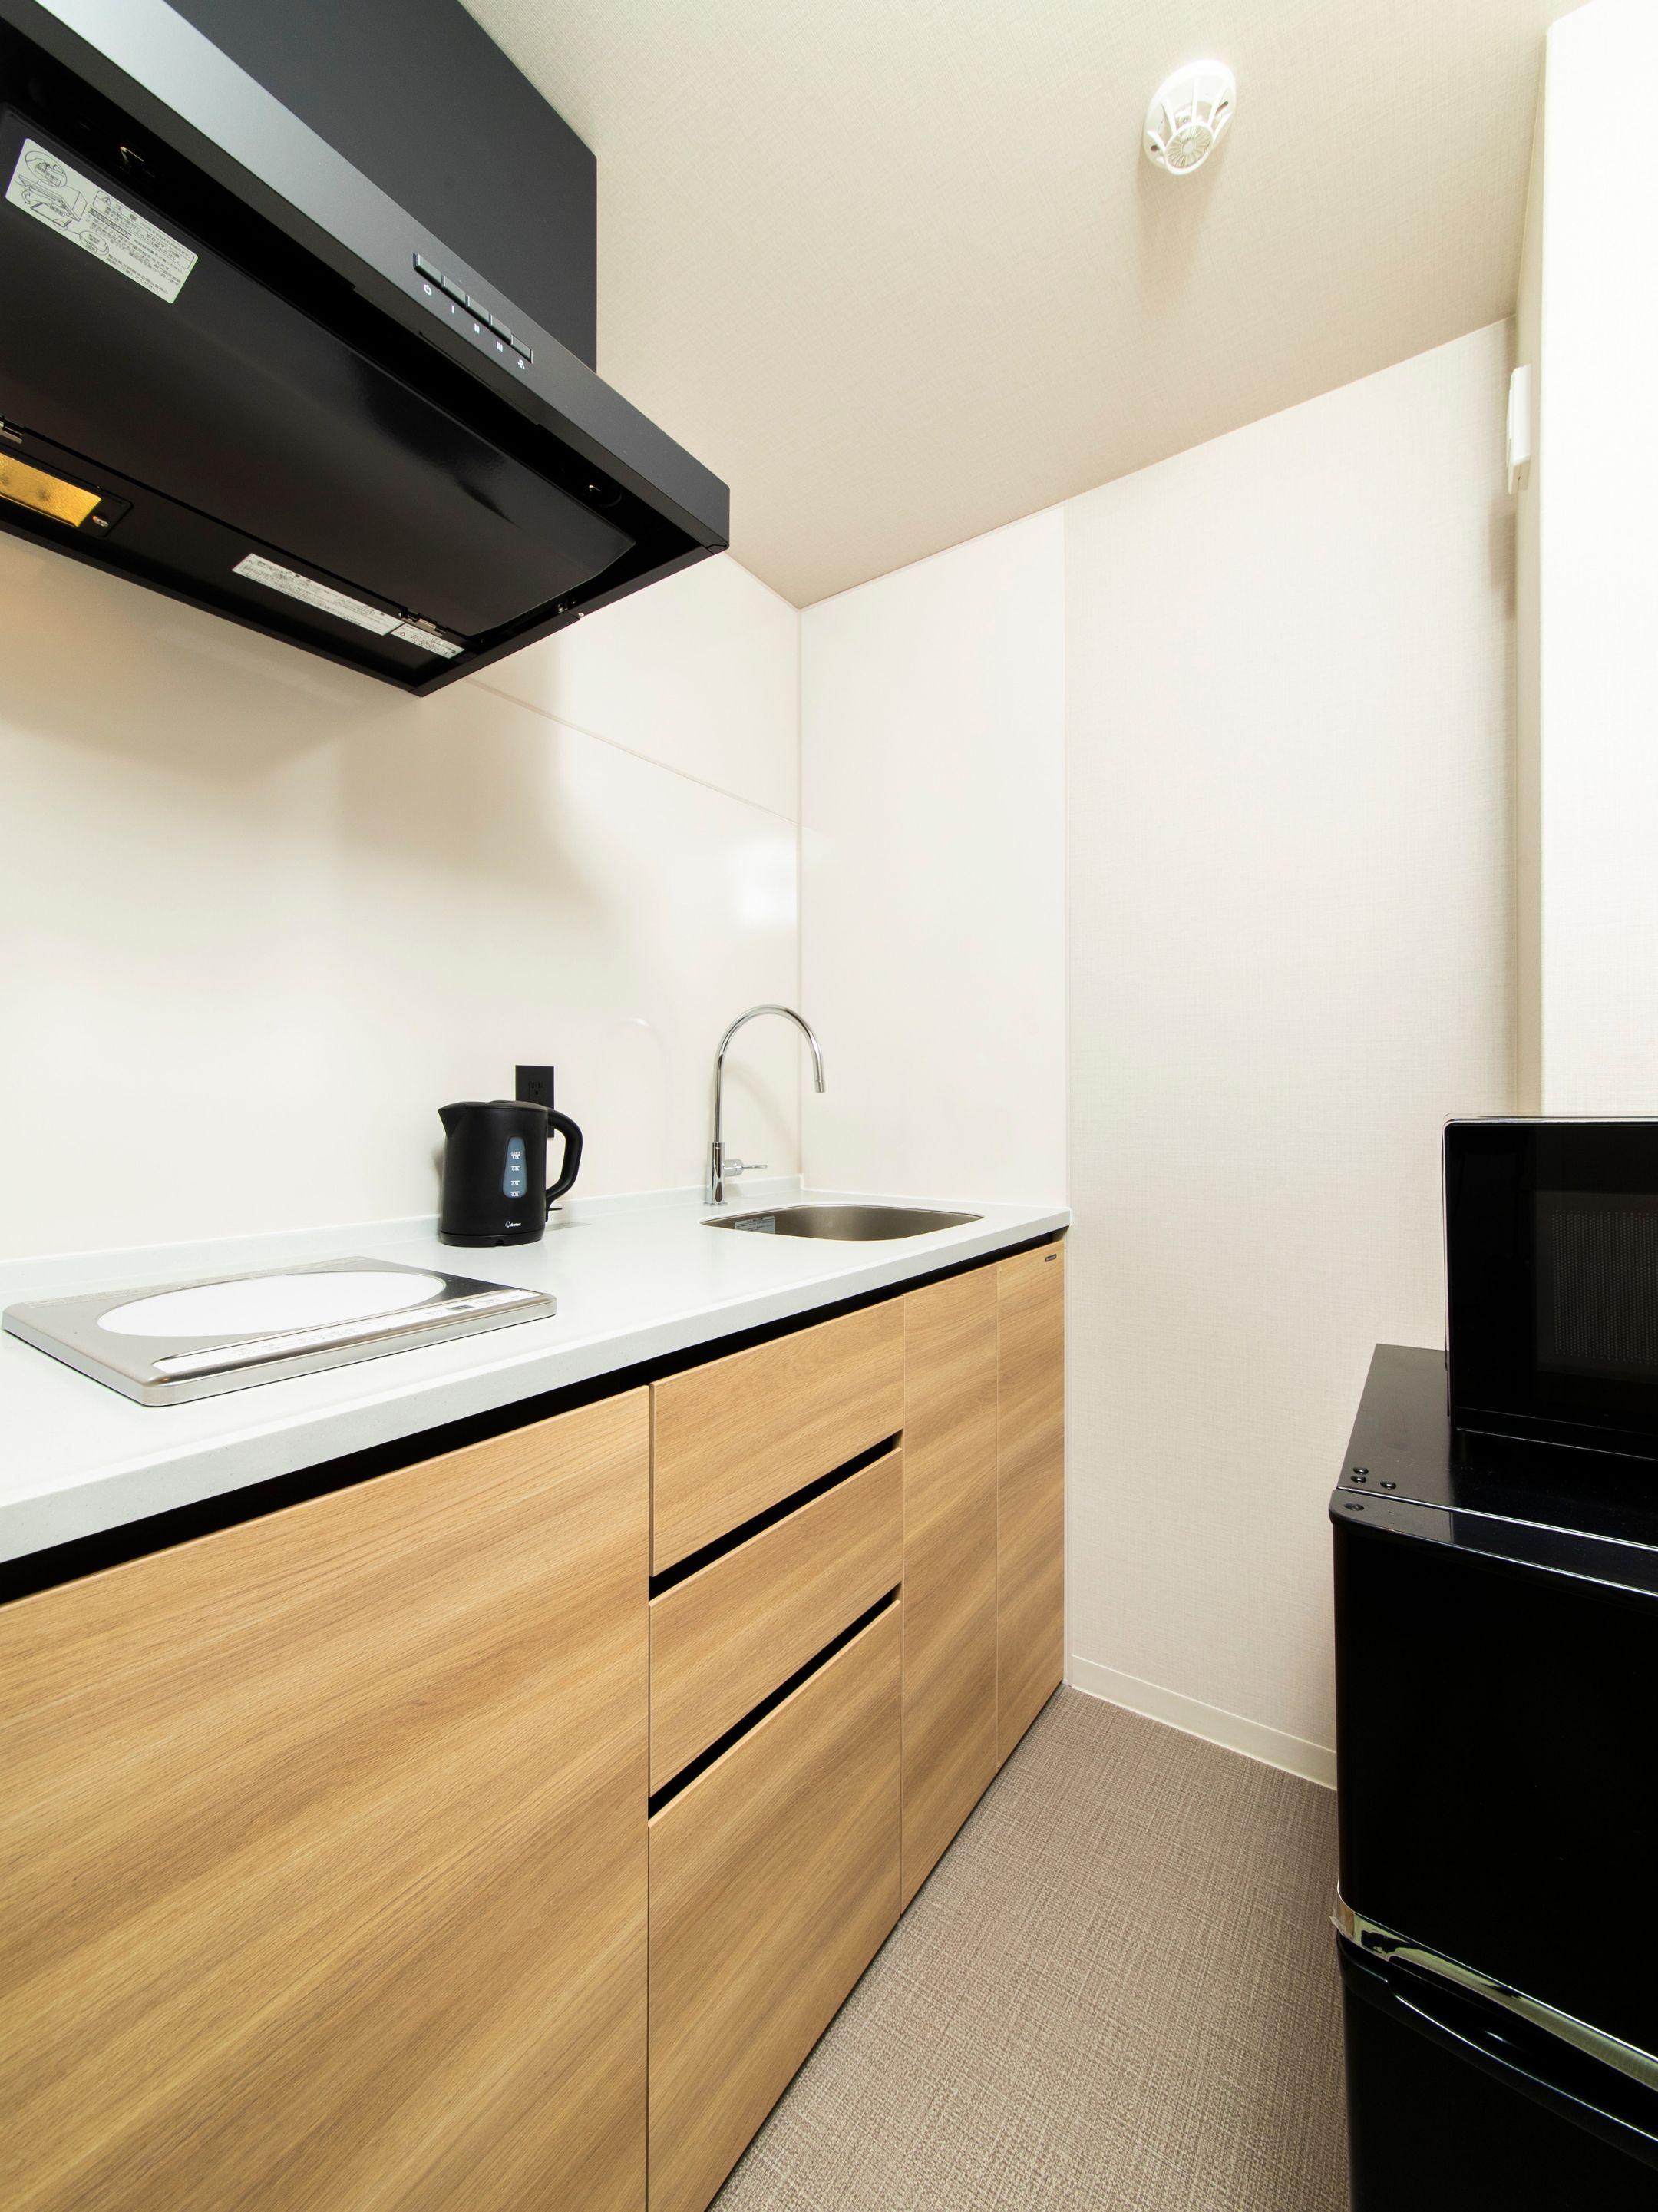 キッチンはこちら。しっかりと作業スペースもあって使いやすそう。